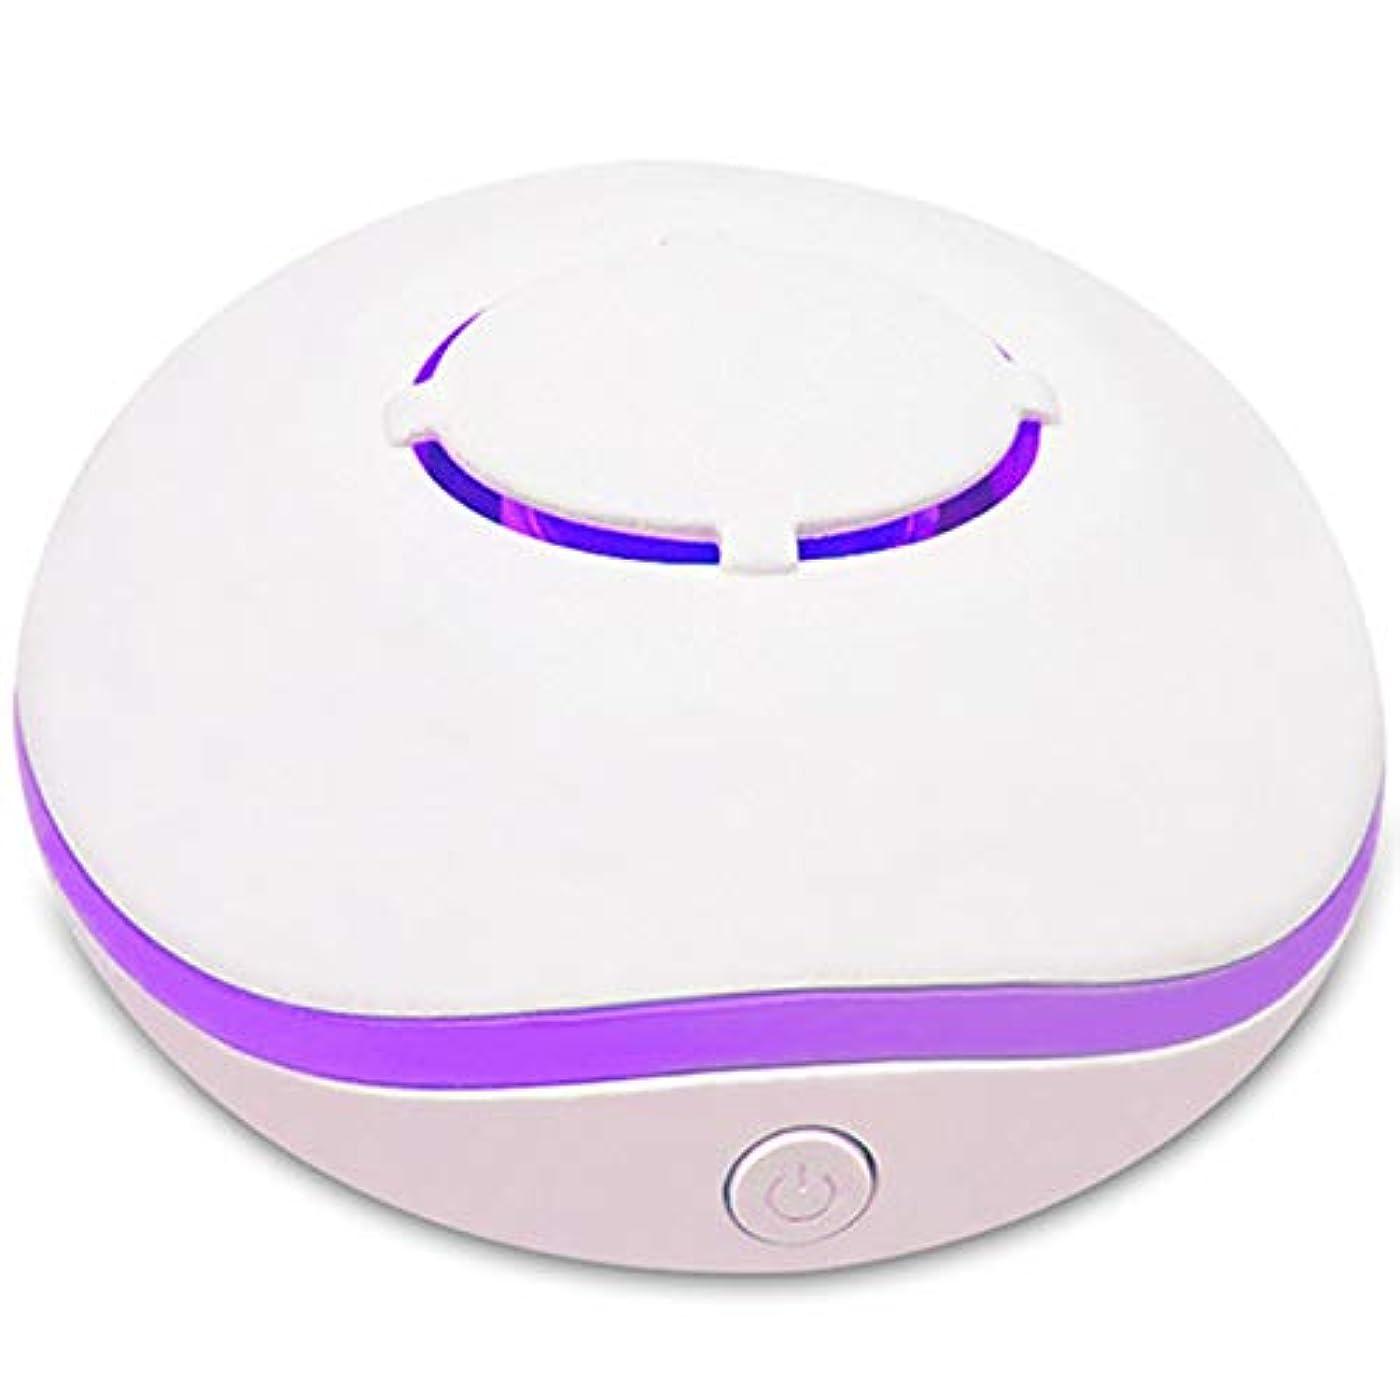 選出する検査知覚SODIAL 無水アロマ?ミニディフューザー、エッセンシャルオイルの携帯用ネブライザー、アロマオイルの拡散、家庭用、2つの接続電源モード、白色